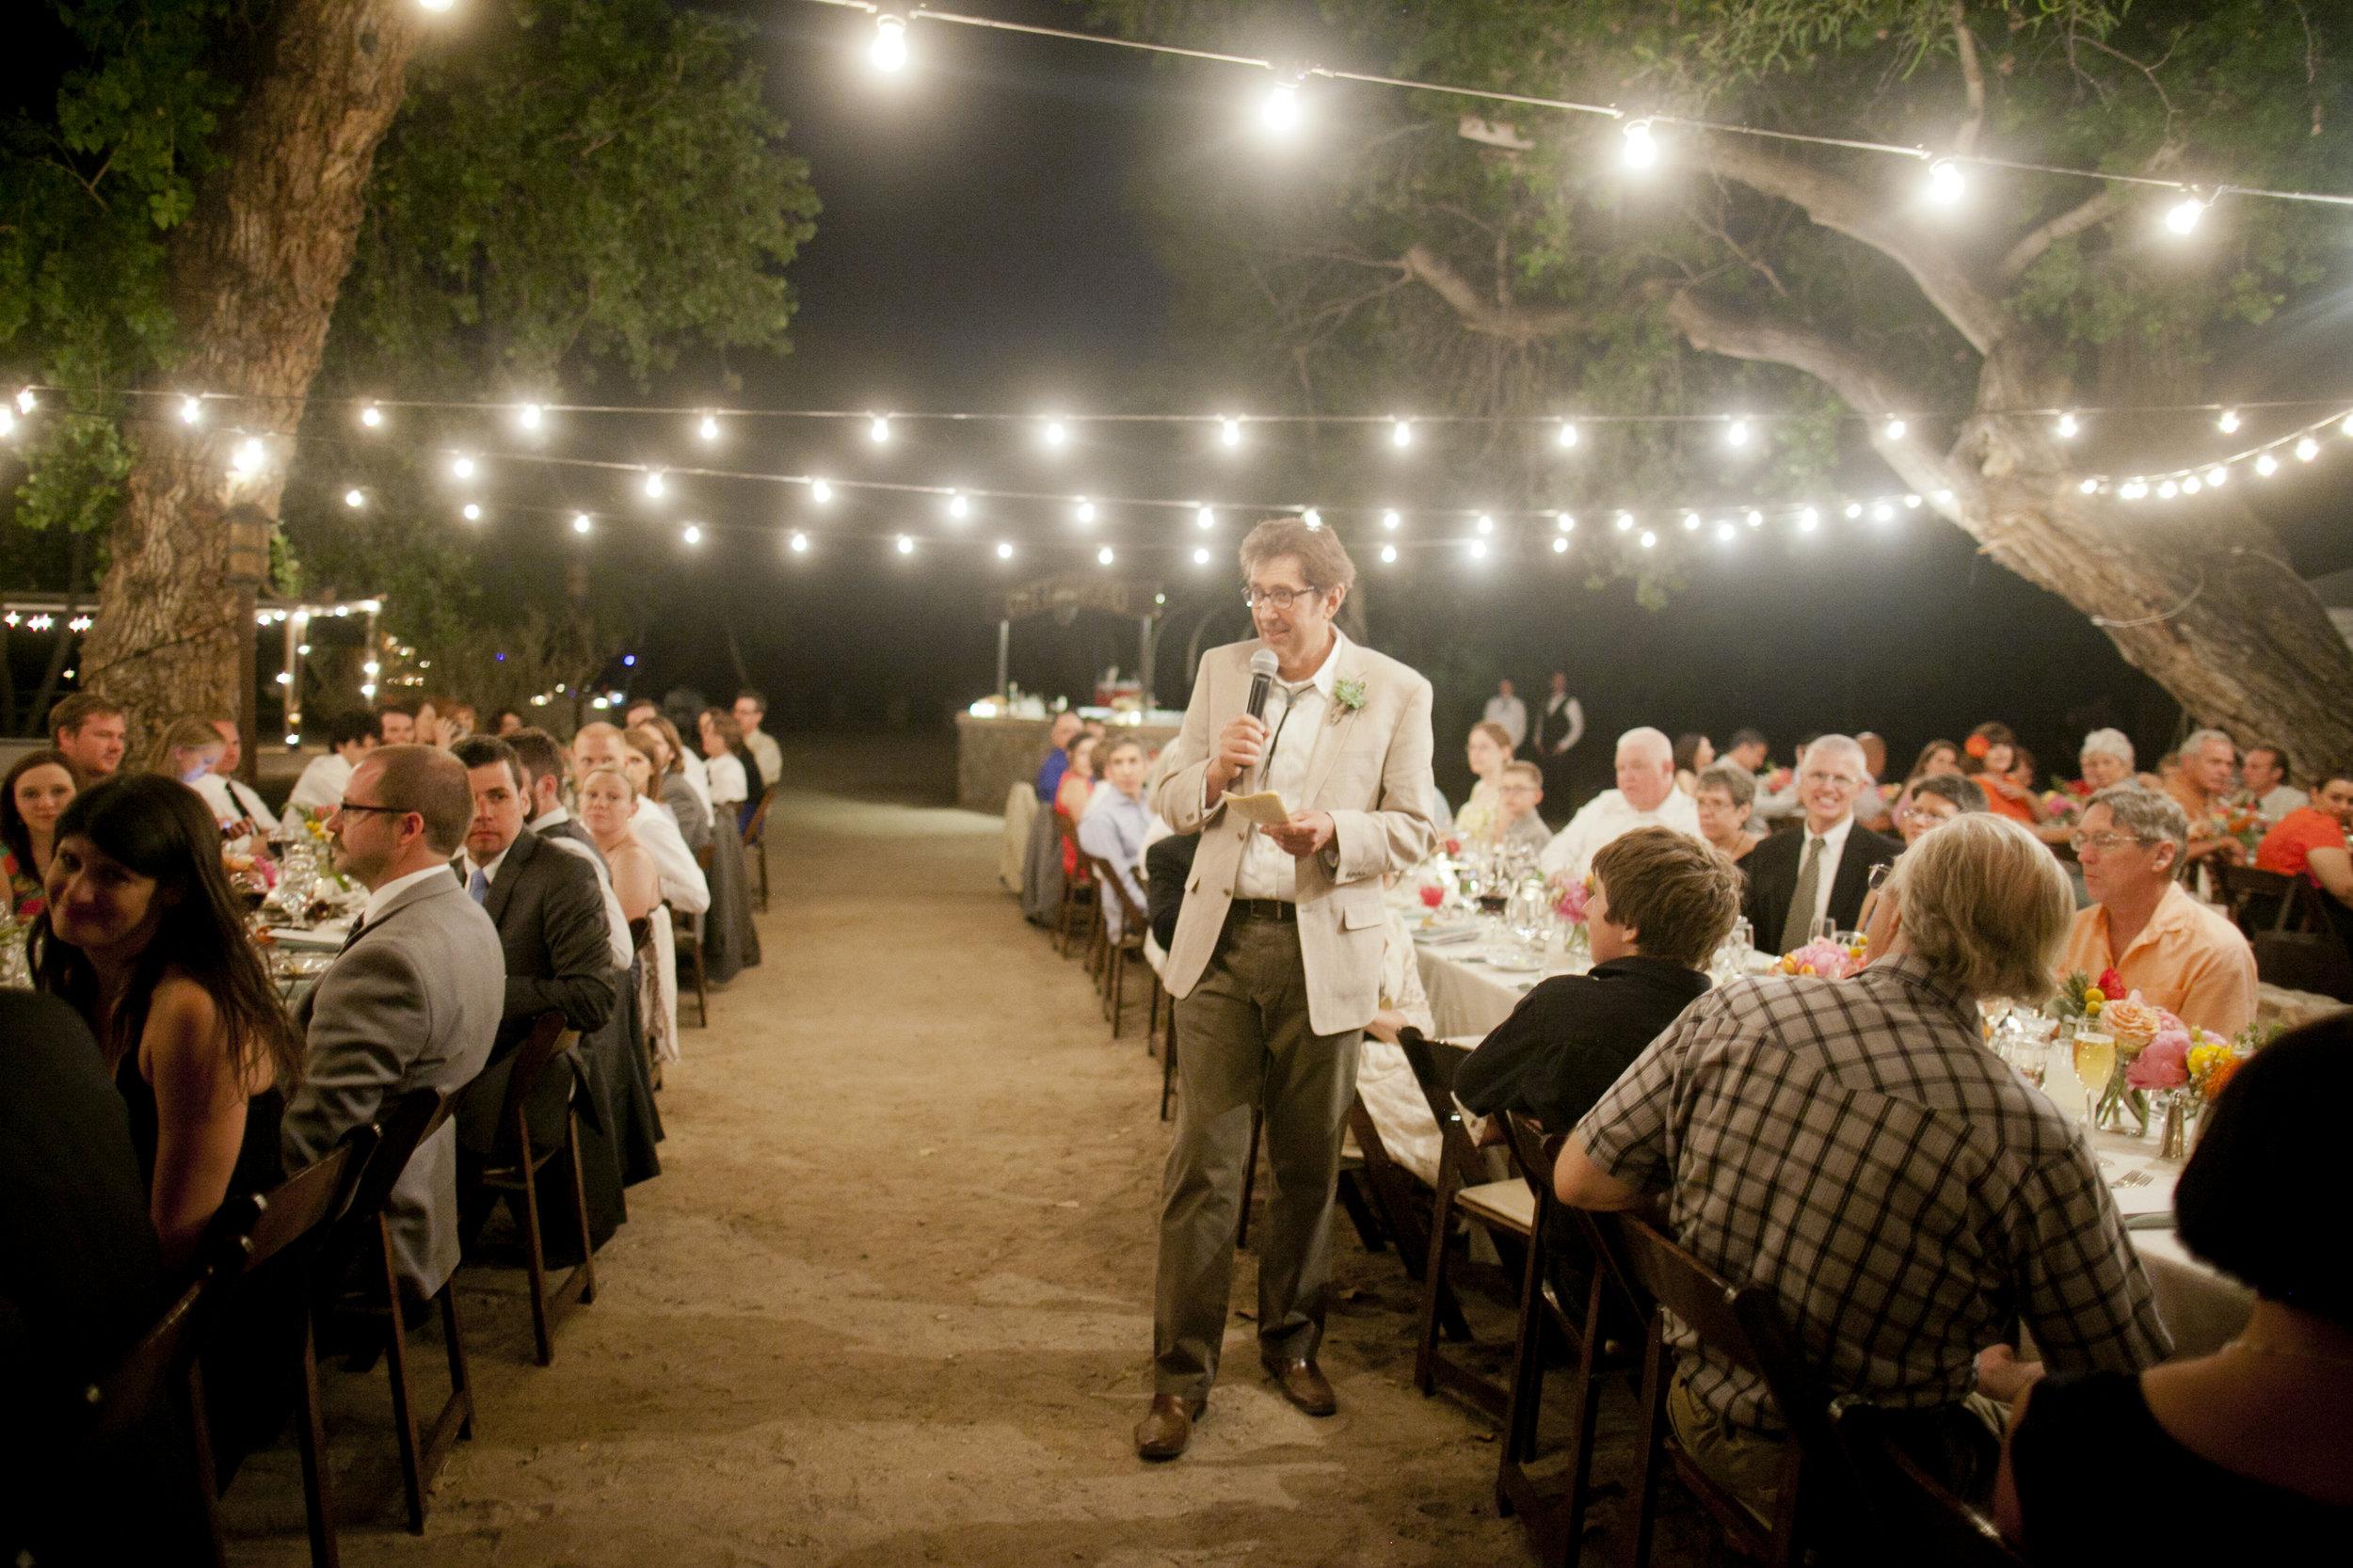 Ceci_New_York_Ceci_Style_Ceci_Johnson_Luxury_Lifestyle_Arizona_Wedding_Watercolor_Inspiration_Design_Custom_Couture_Personalized_Invitations_188.jpg